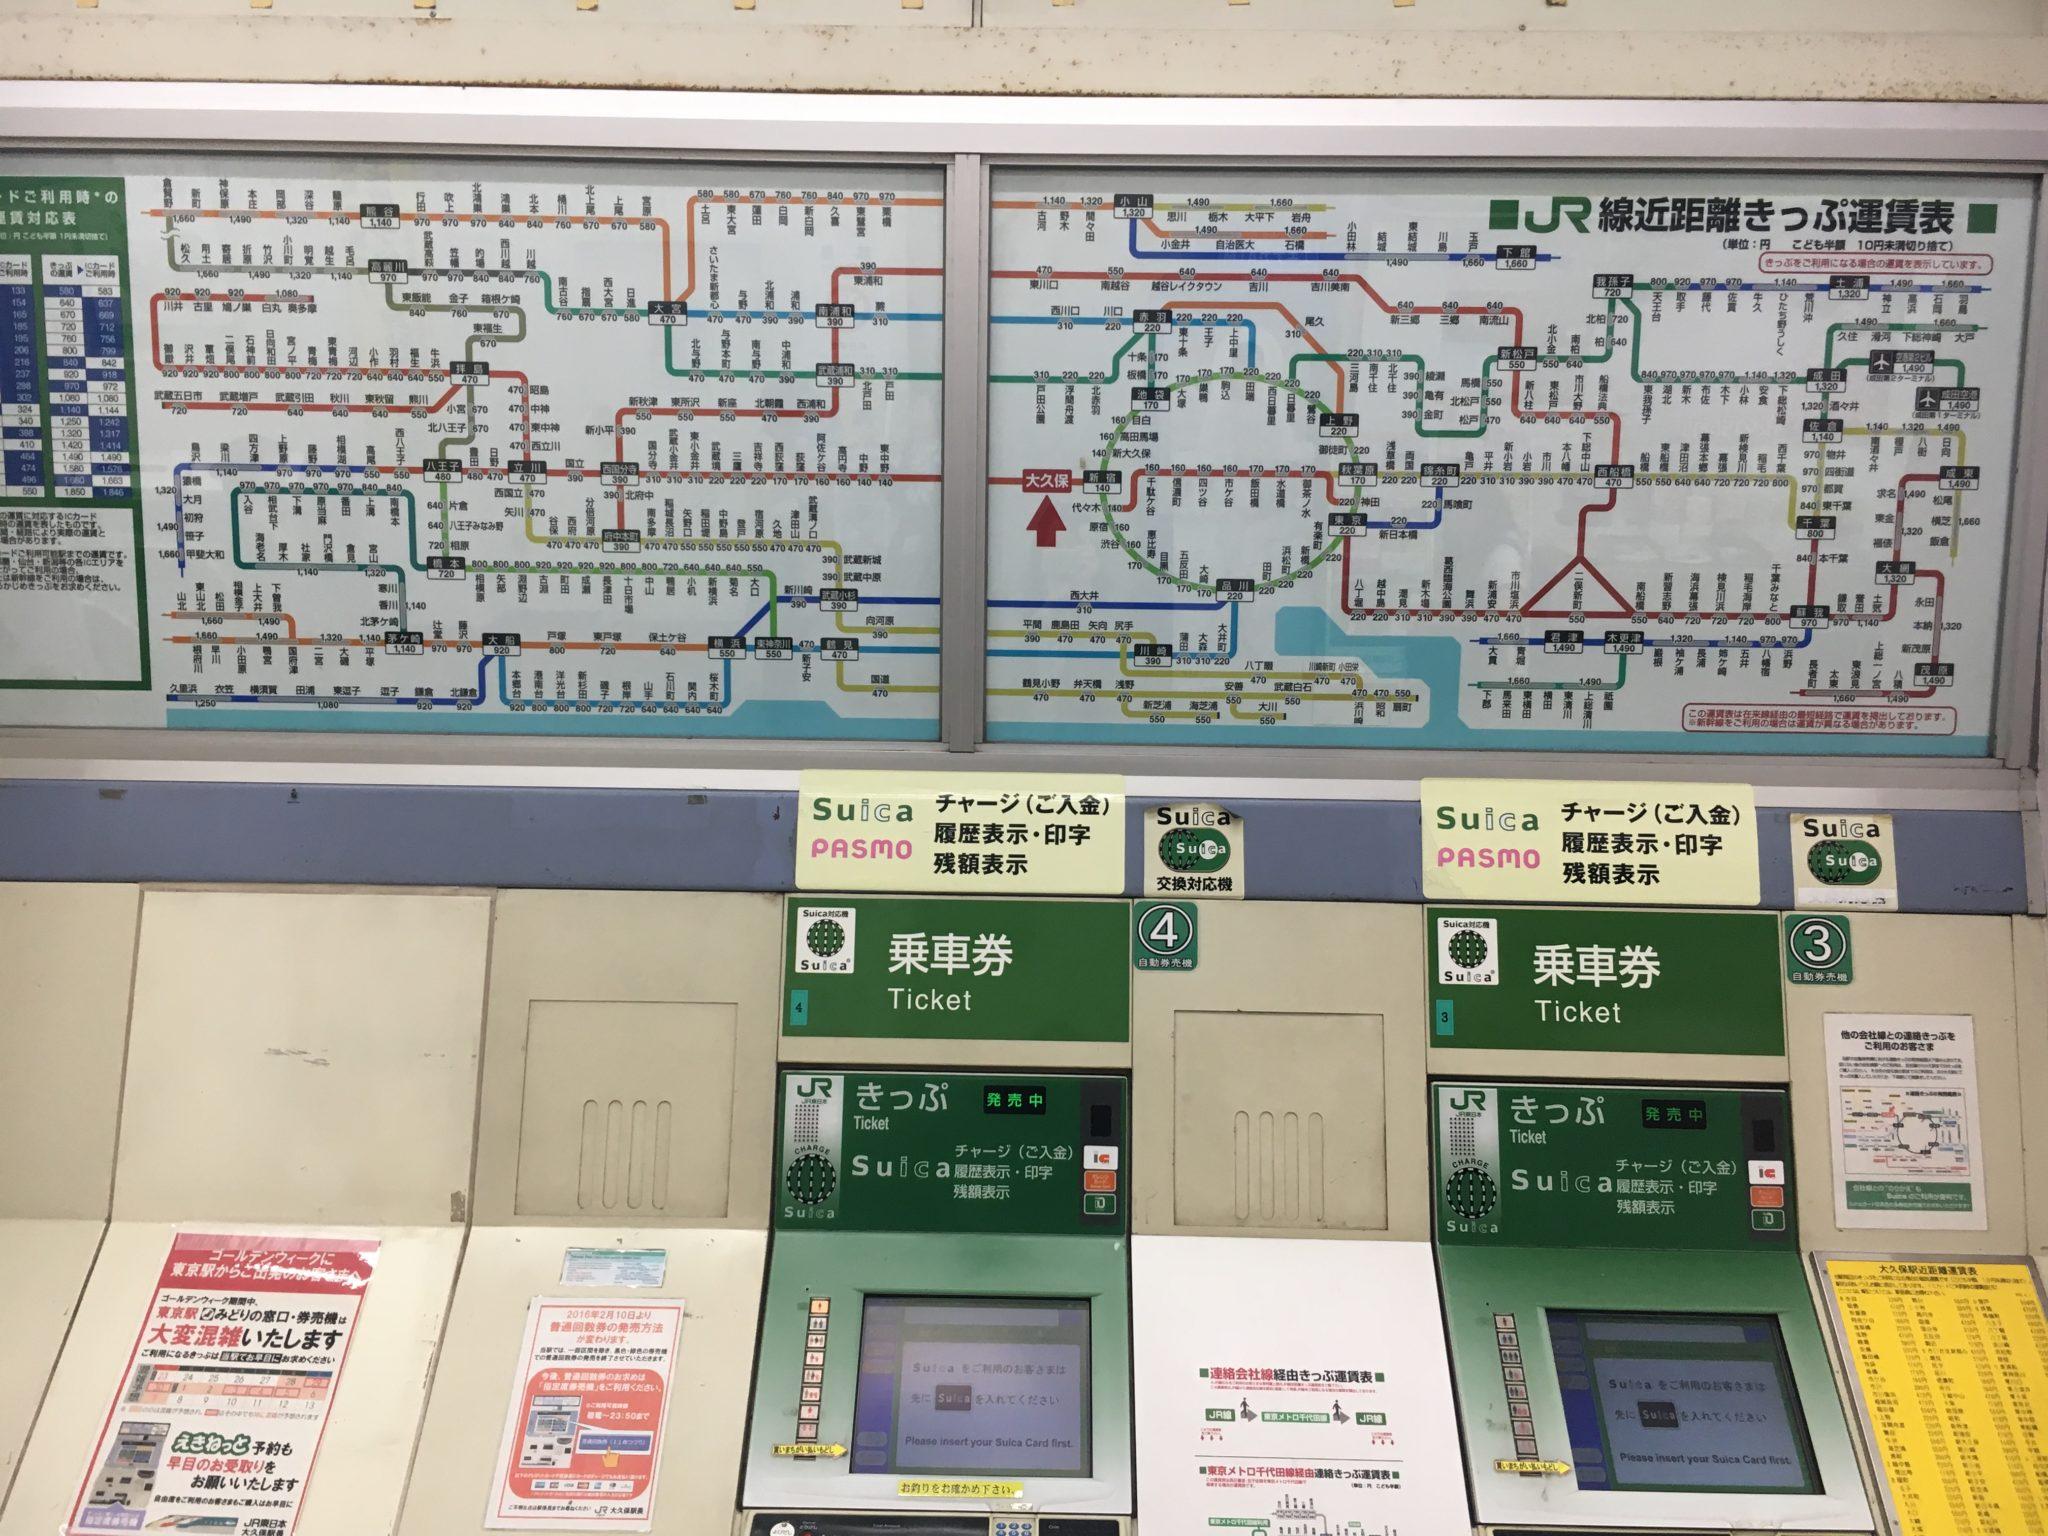 Public transport in Japan